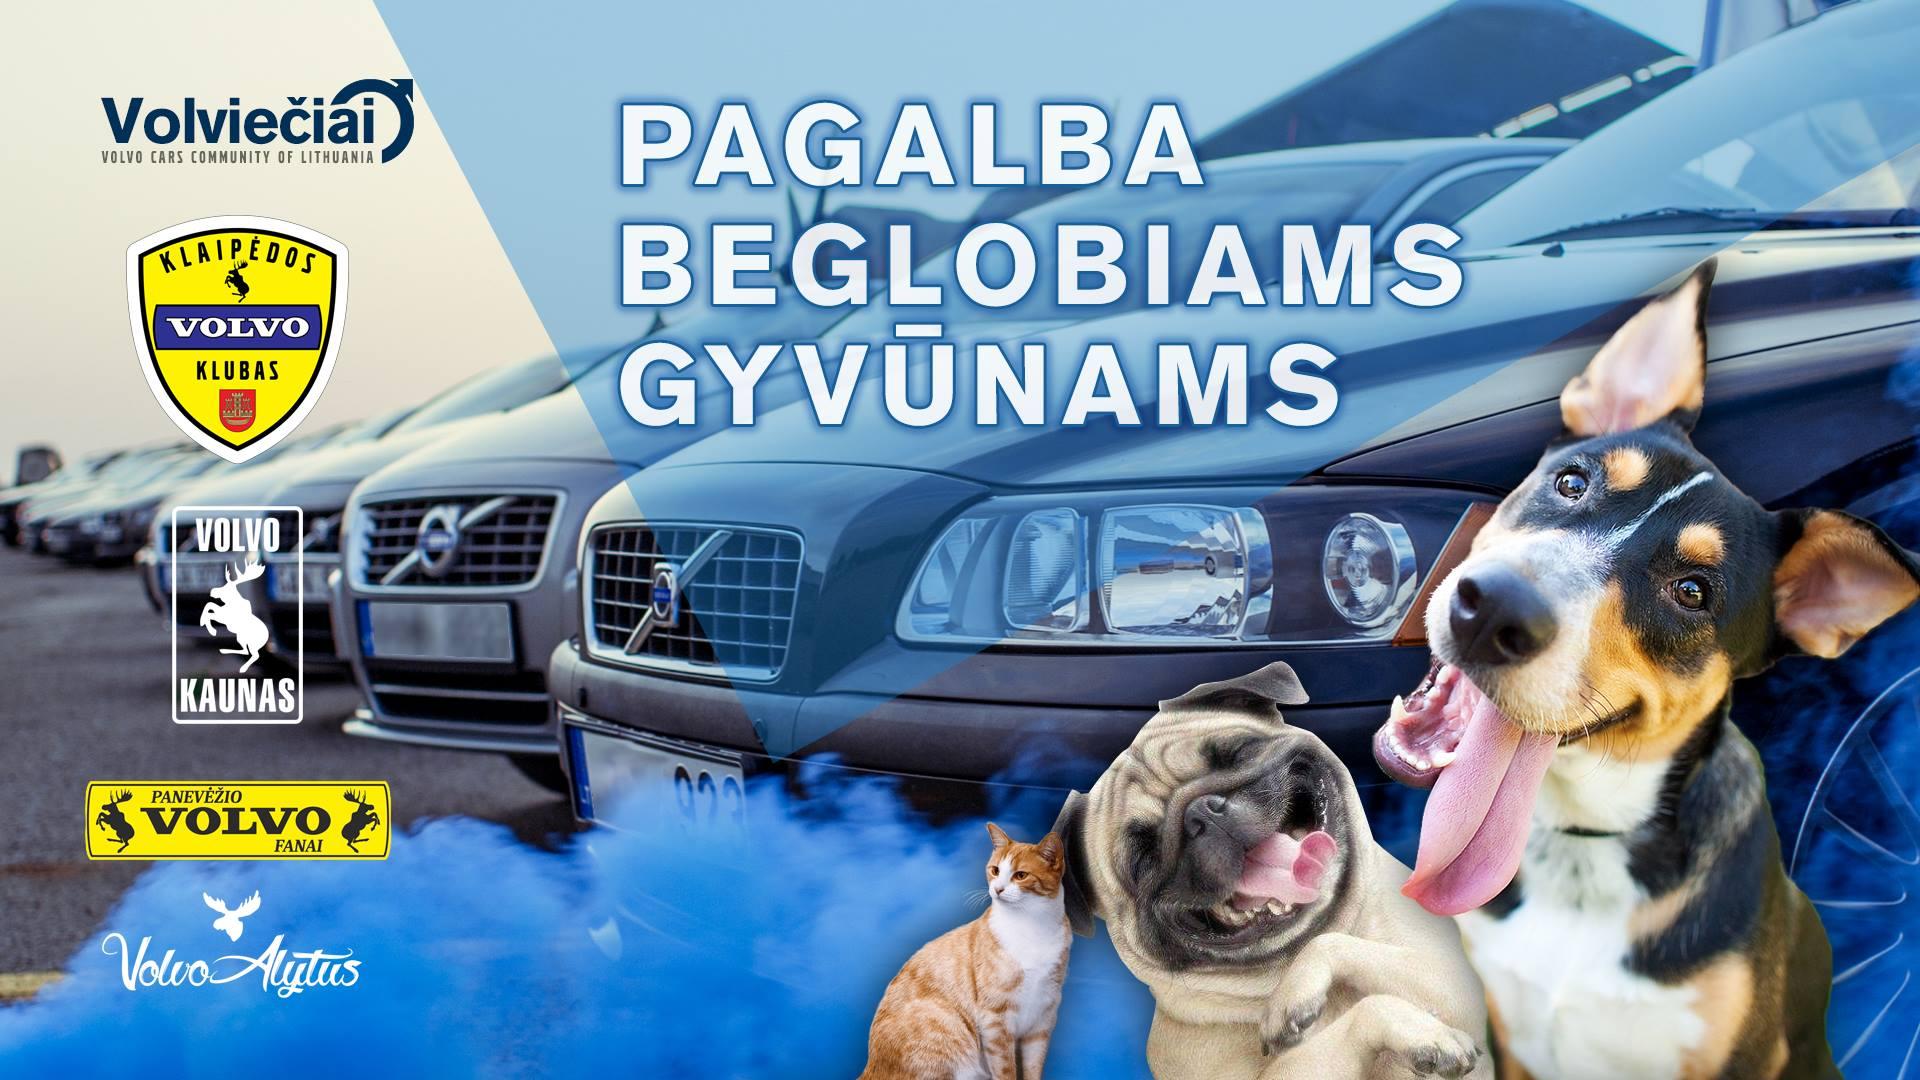 VOLVO Klaipėda Parama - Pagalba beglobiams gyvūnams